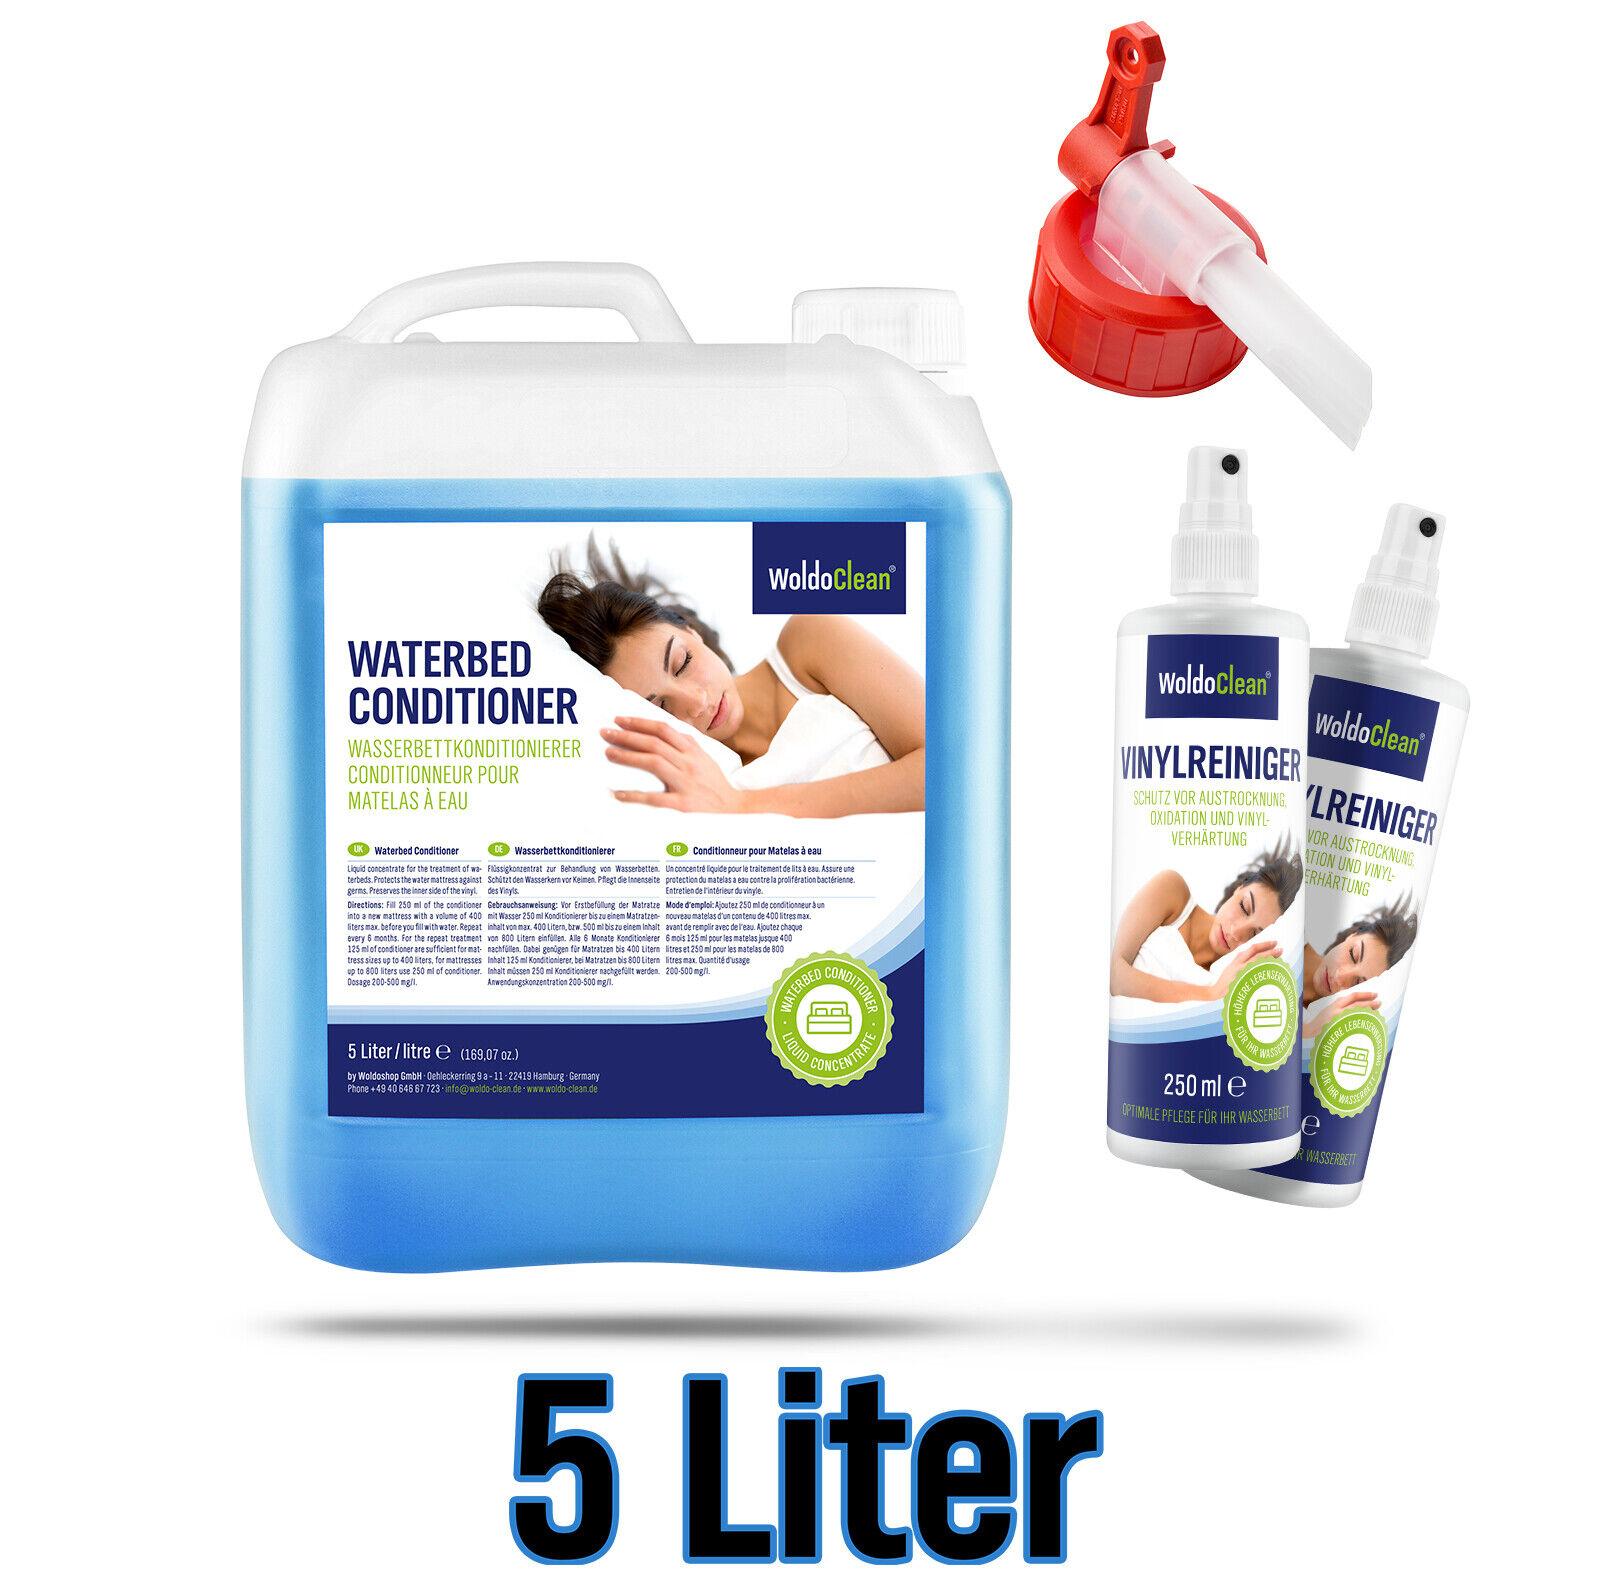 Wasserbett Conditioner 5 Liter Kanister inkl. Ausgießer & 2x 250ml Vinylreiniger